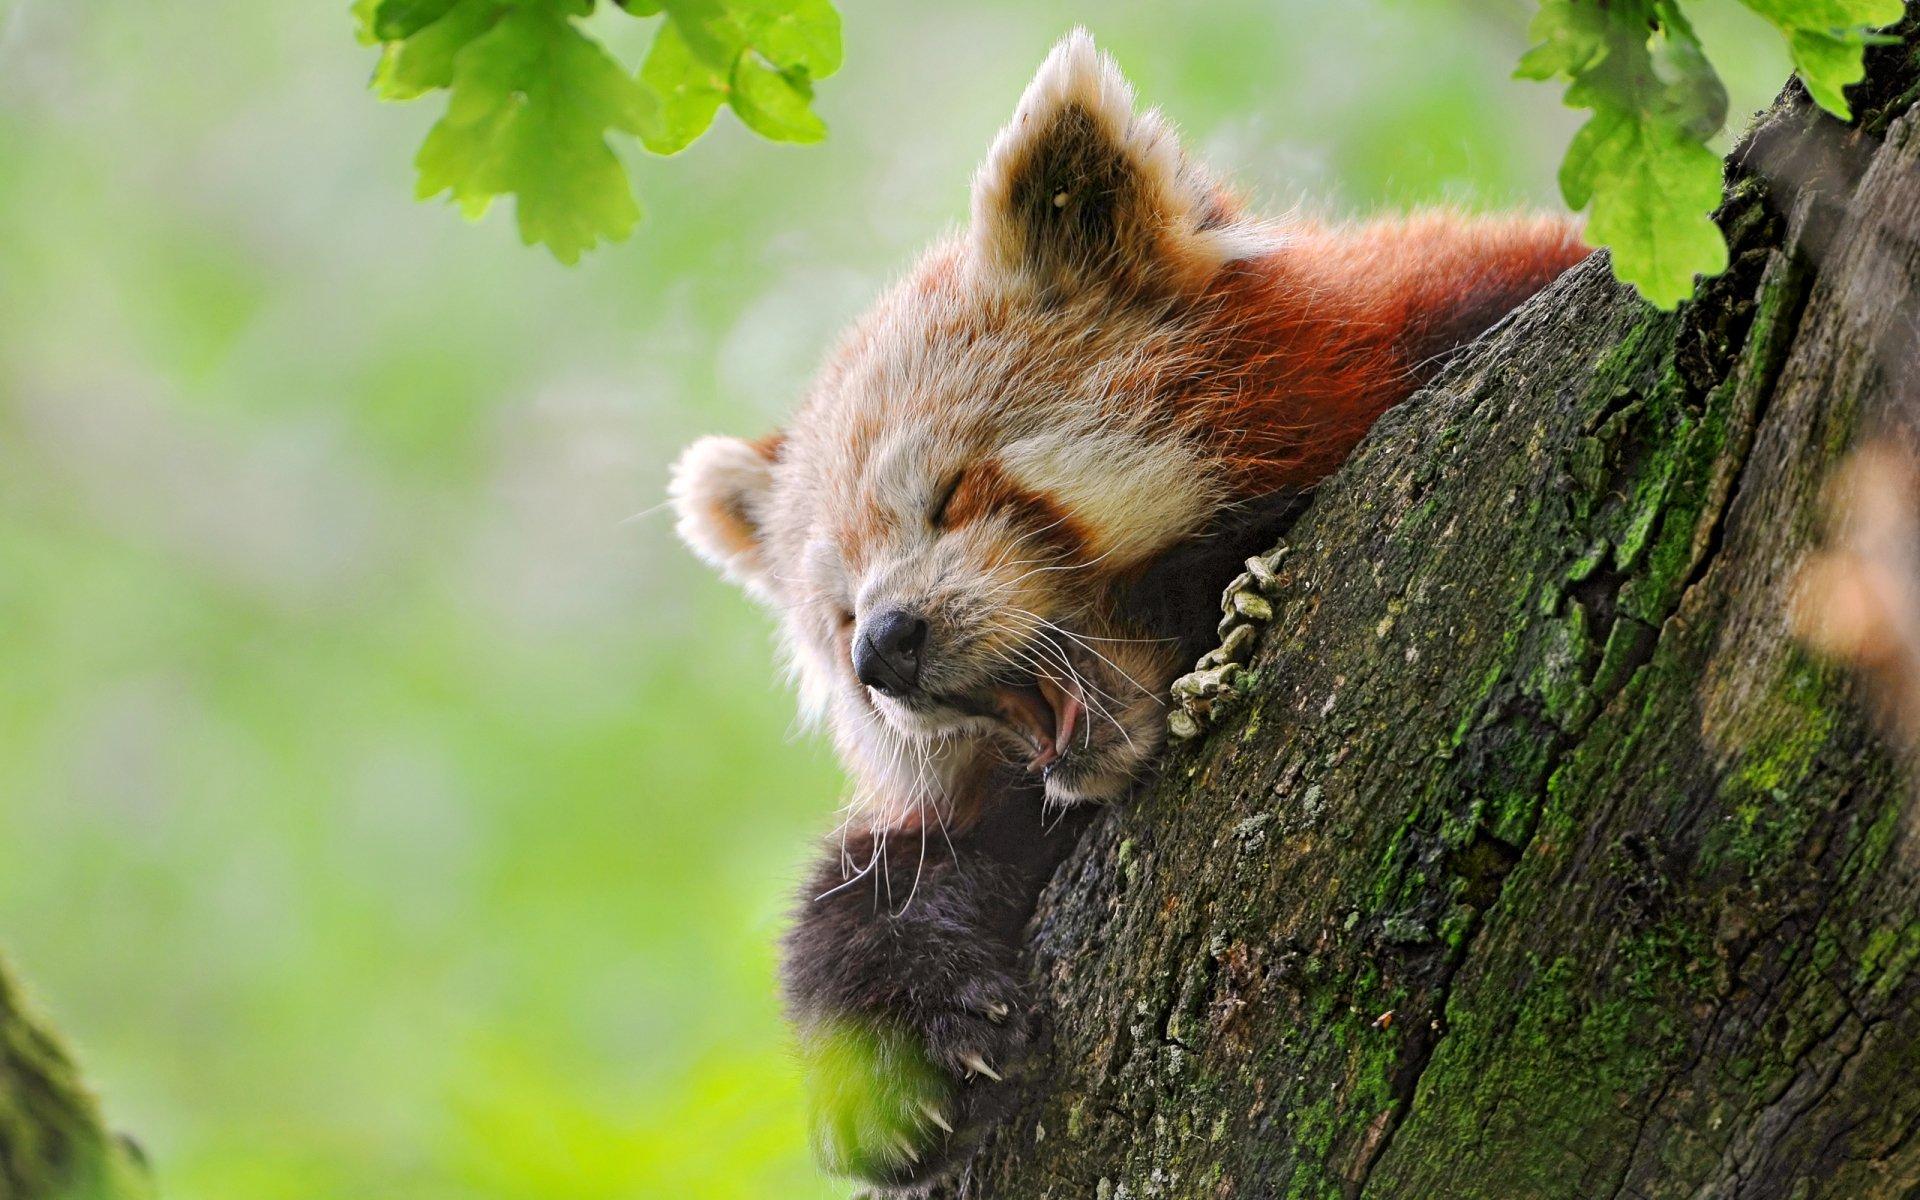 Animal - Red Panda  Wallpaper